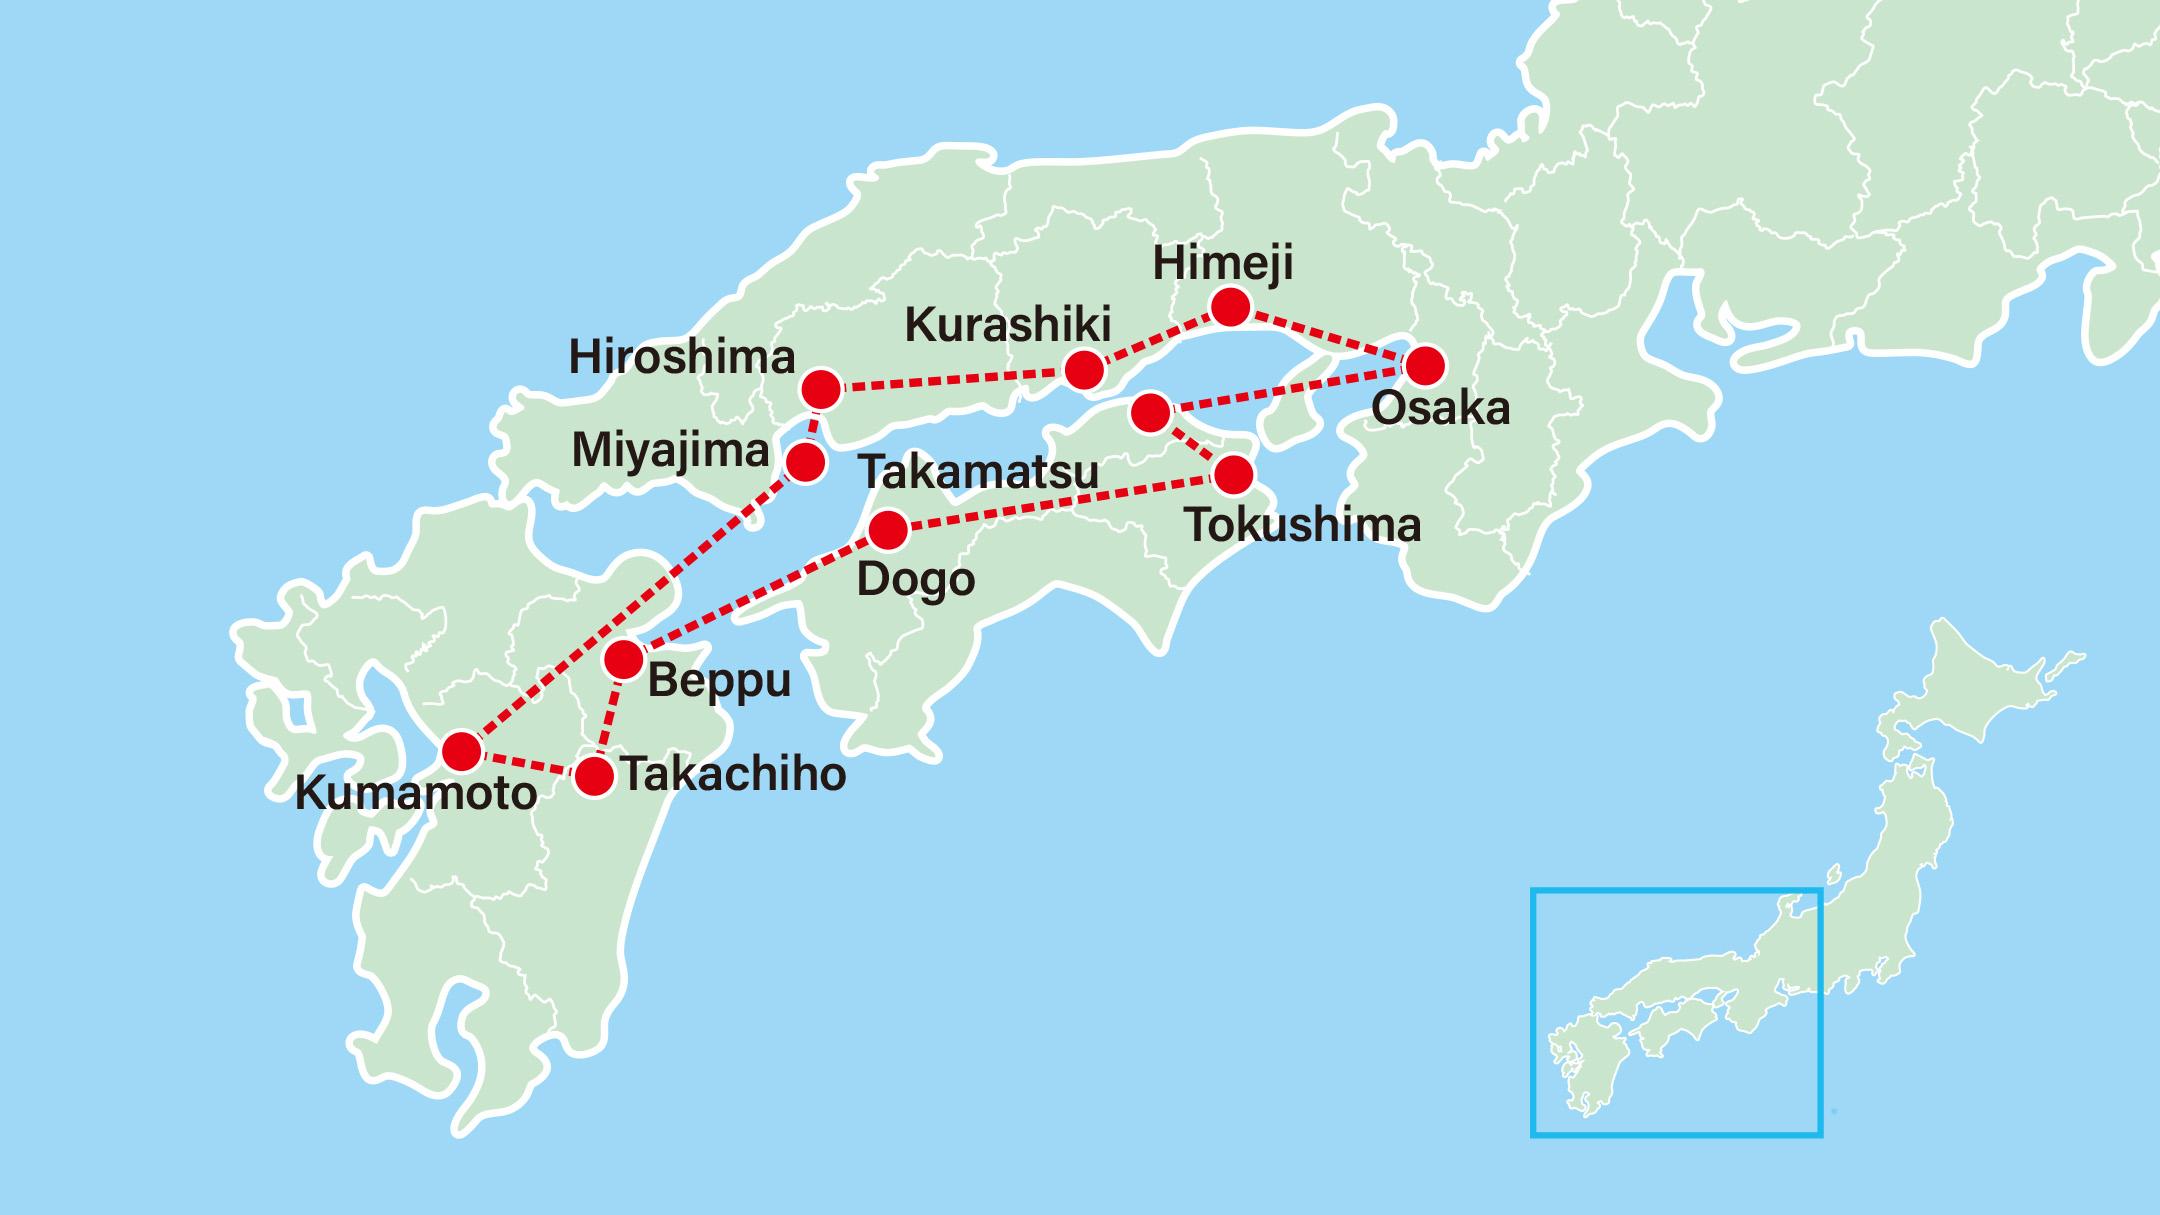 Southern Japan 8 Days-Himeji-Kurashiki-Hiroshima-Miyajima-Kumamoto-Takachiho-Beppu-Dogo-Tokushima-Ritsurin Garden-Osaka